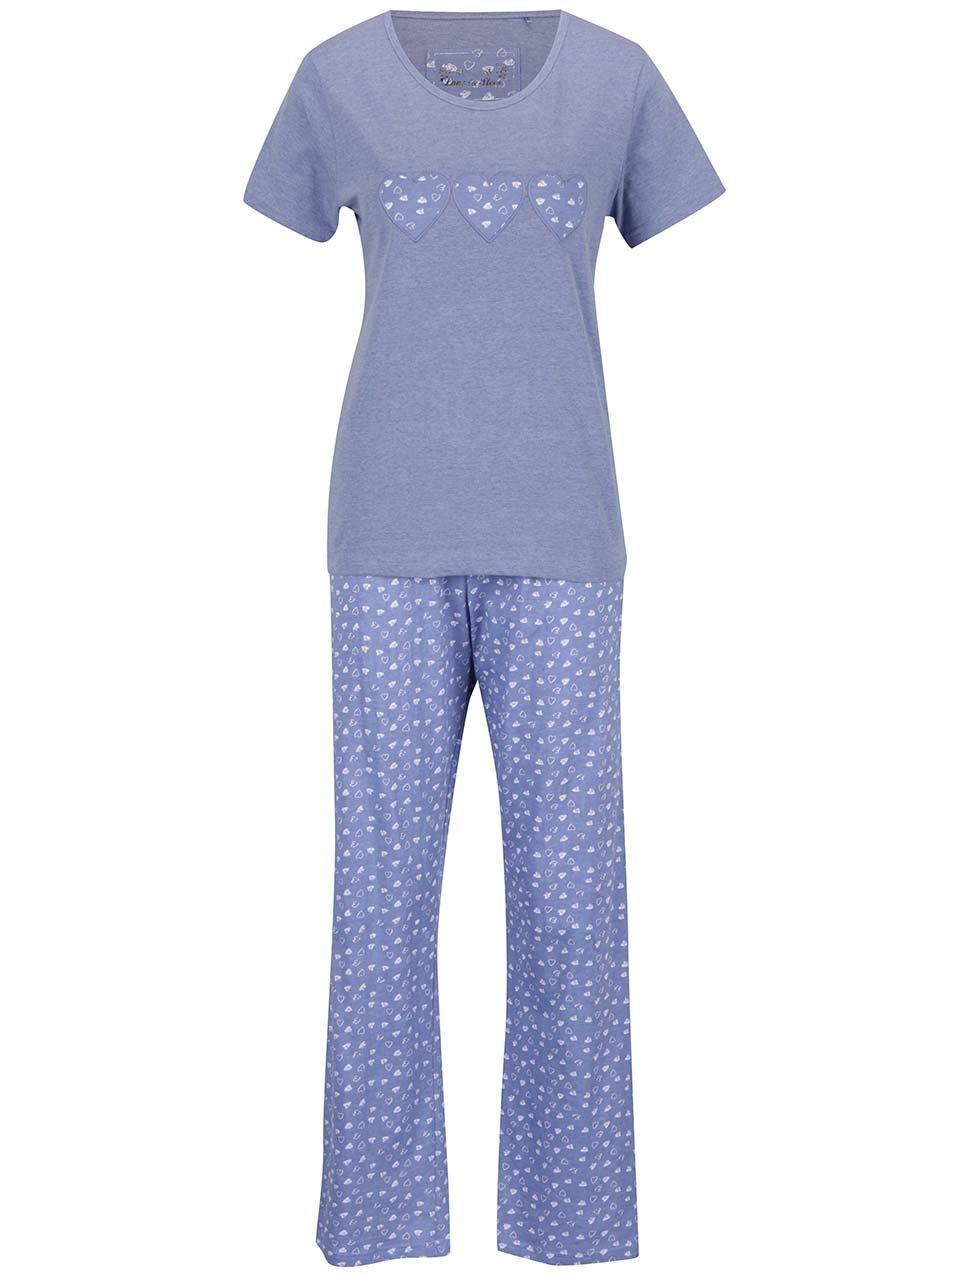 Modré dámské pyžamo s motivem srdcí M&Co